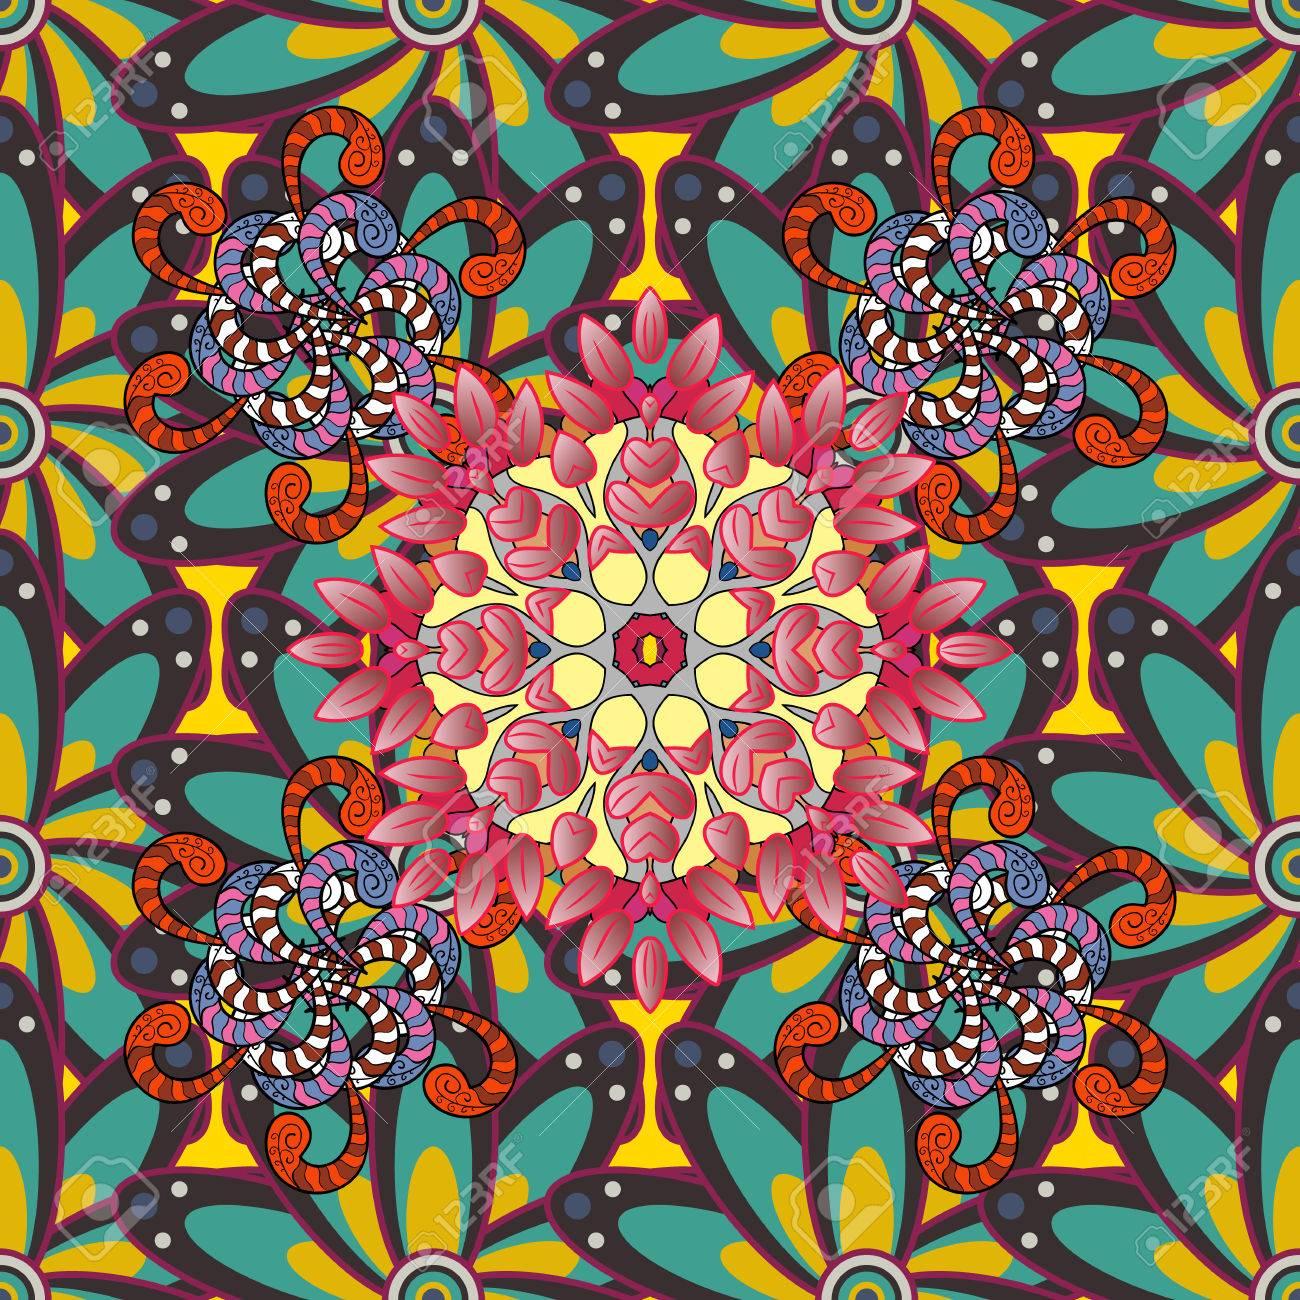 tribal art boho druck vintage blume hintergrund hintergrund textur skizze blumen thema in farben zusammenfassung ethnischen vektor nahtlose muster - Boho Muster